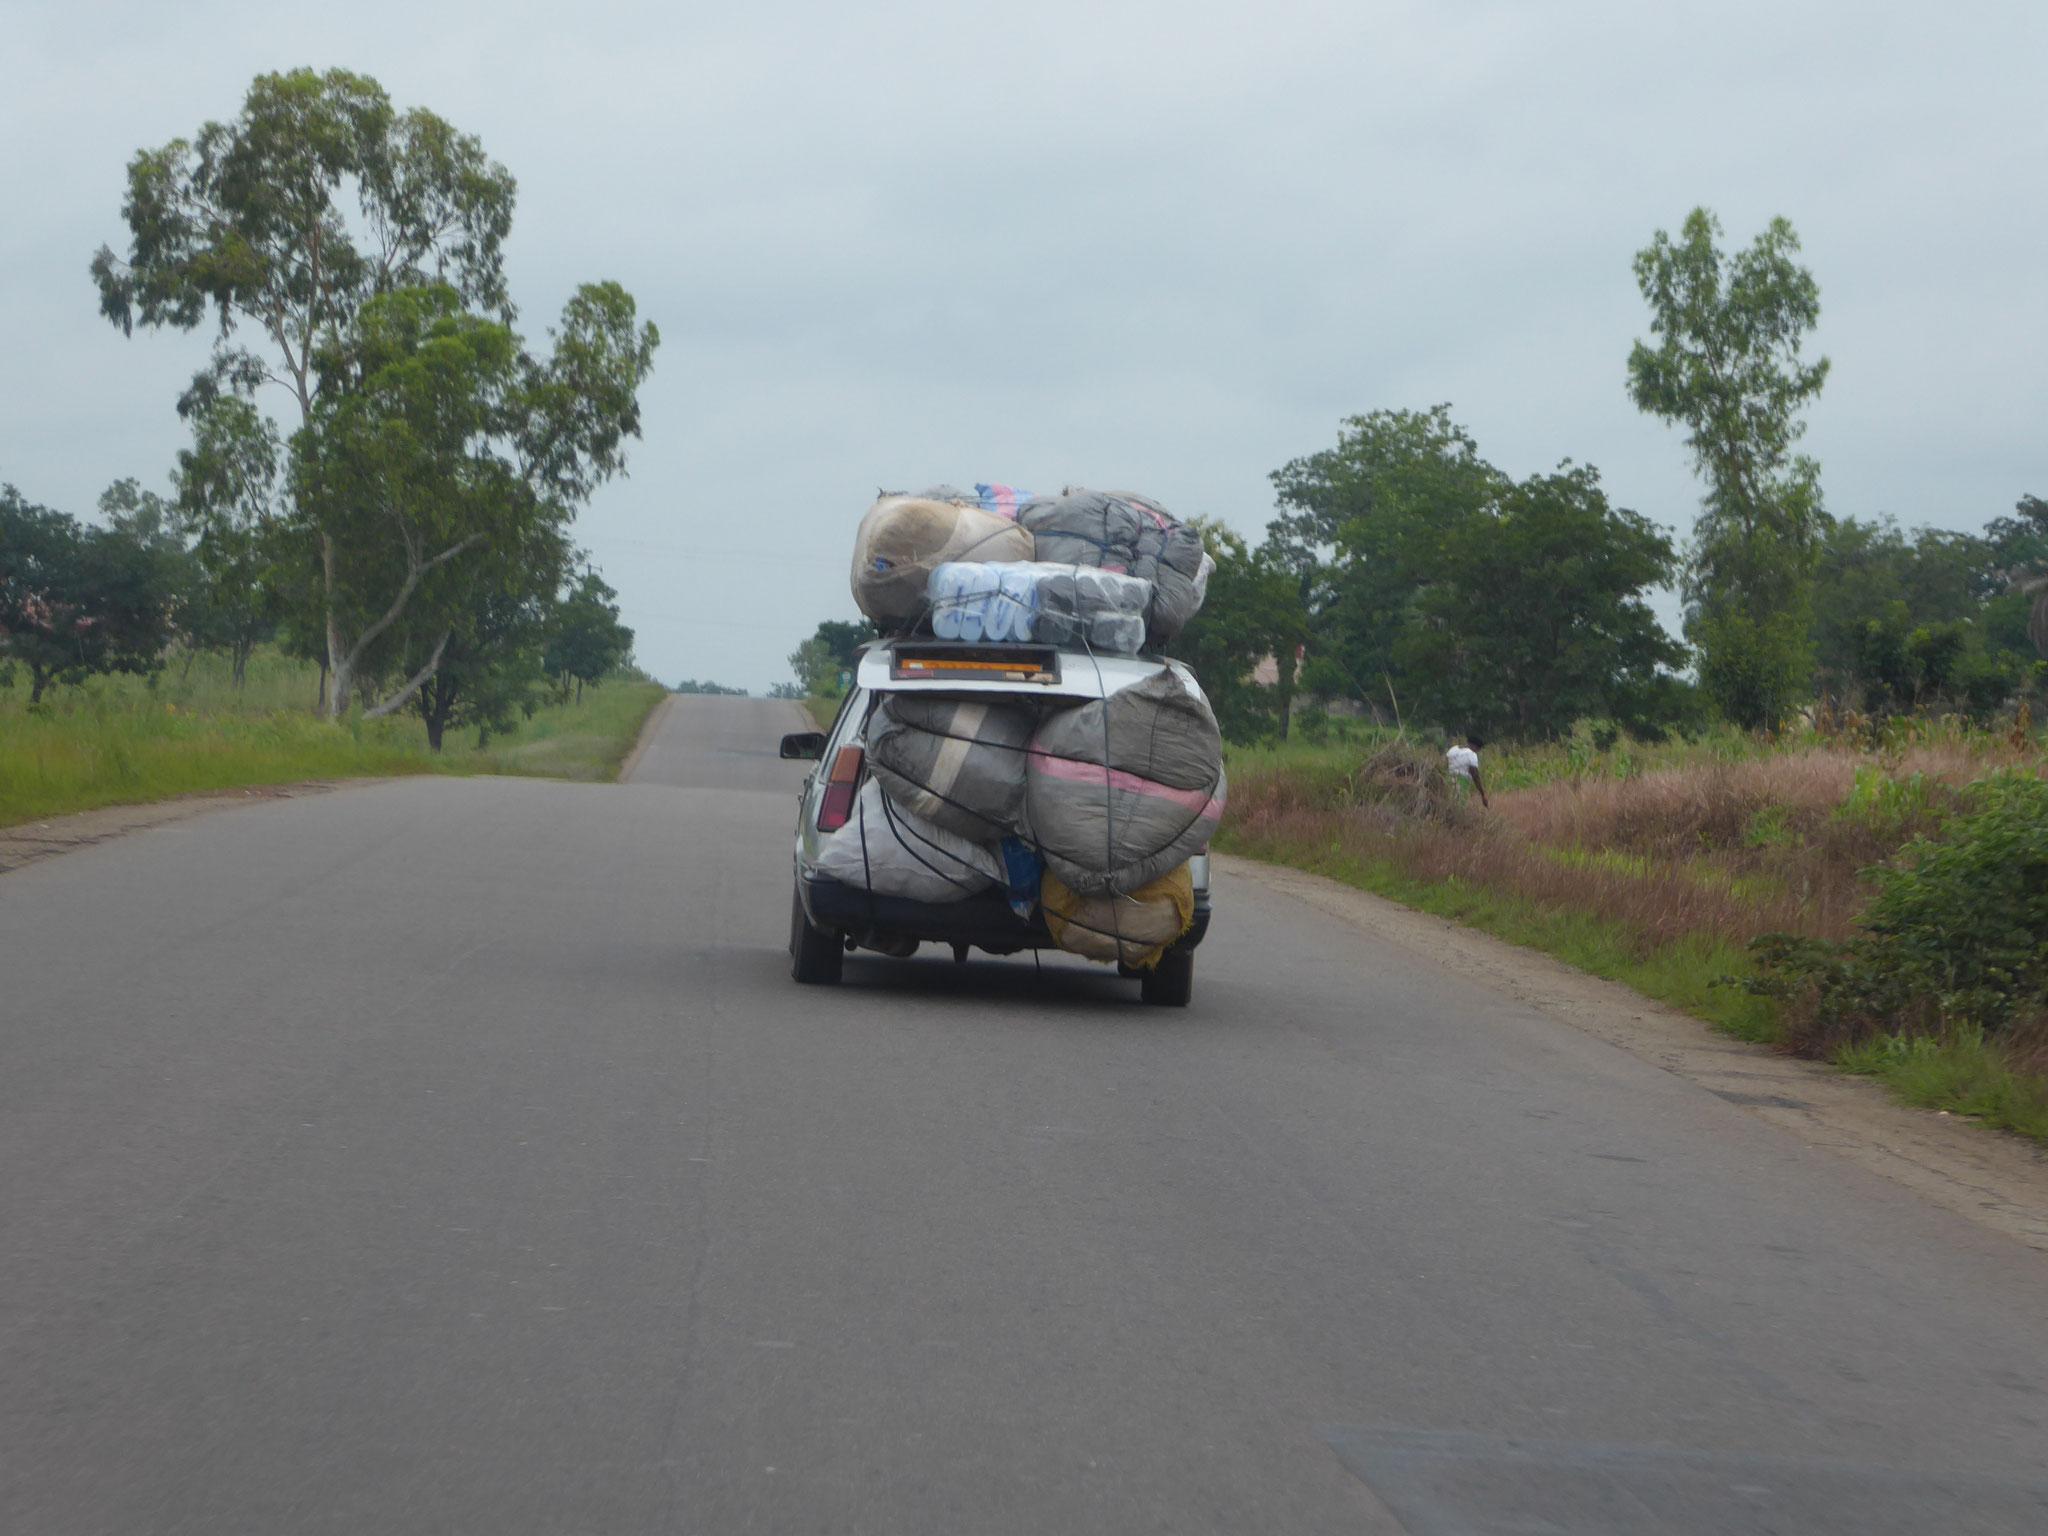 Ein Taxi auf der Überlandstrasse.